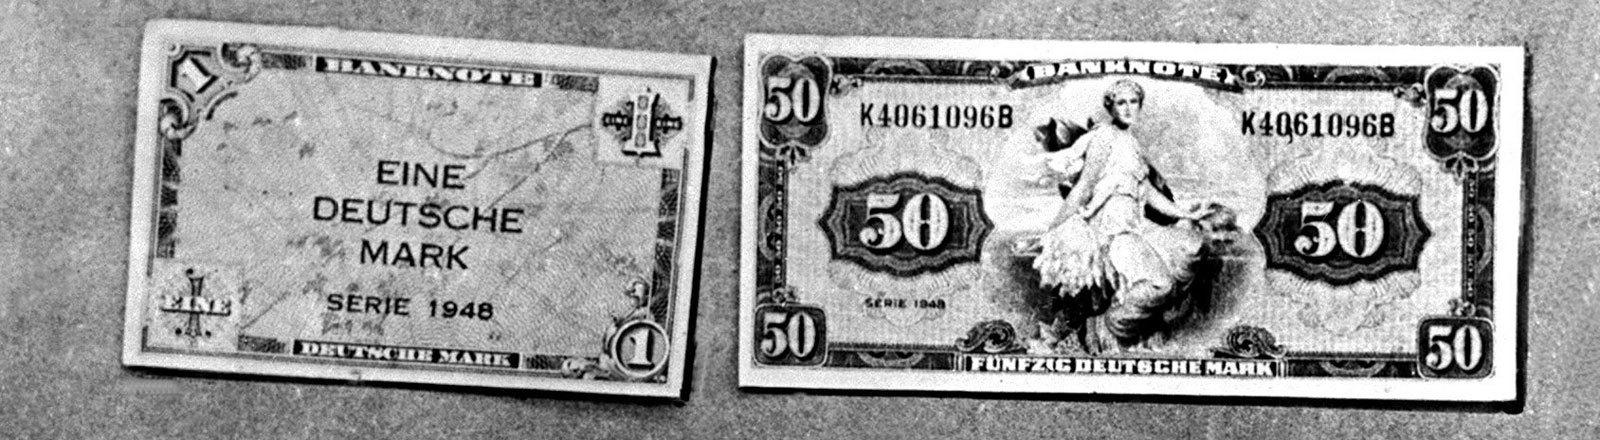 Die neuen deutschen Geldscheine, die ab dem 21. Juni 1948 im Zuge der Währungsreform im Westen Deutschlands gültig waren (Aufnahme vom 19.6.1948)